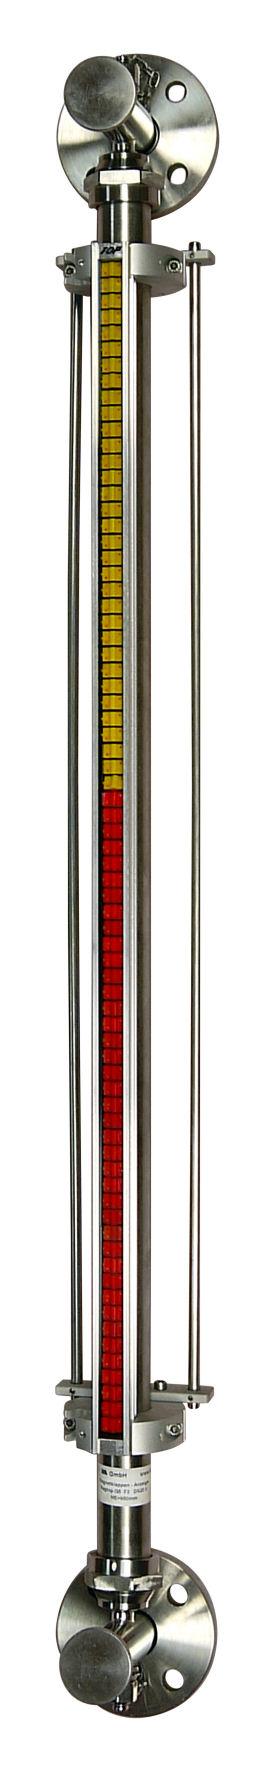 Magnetklappenanzeiger